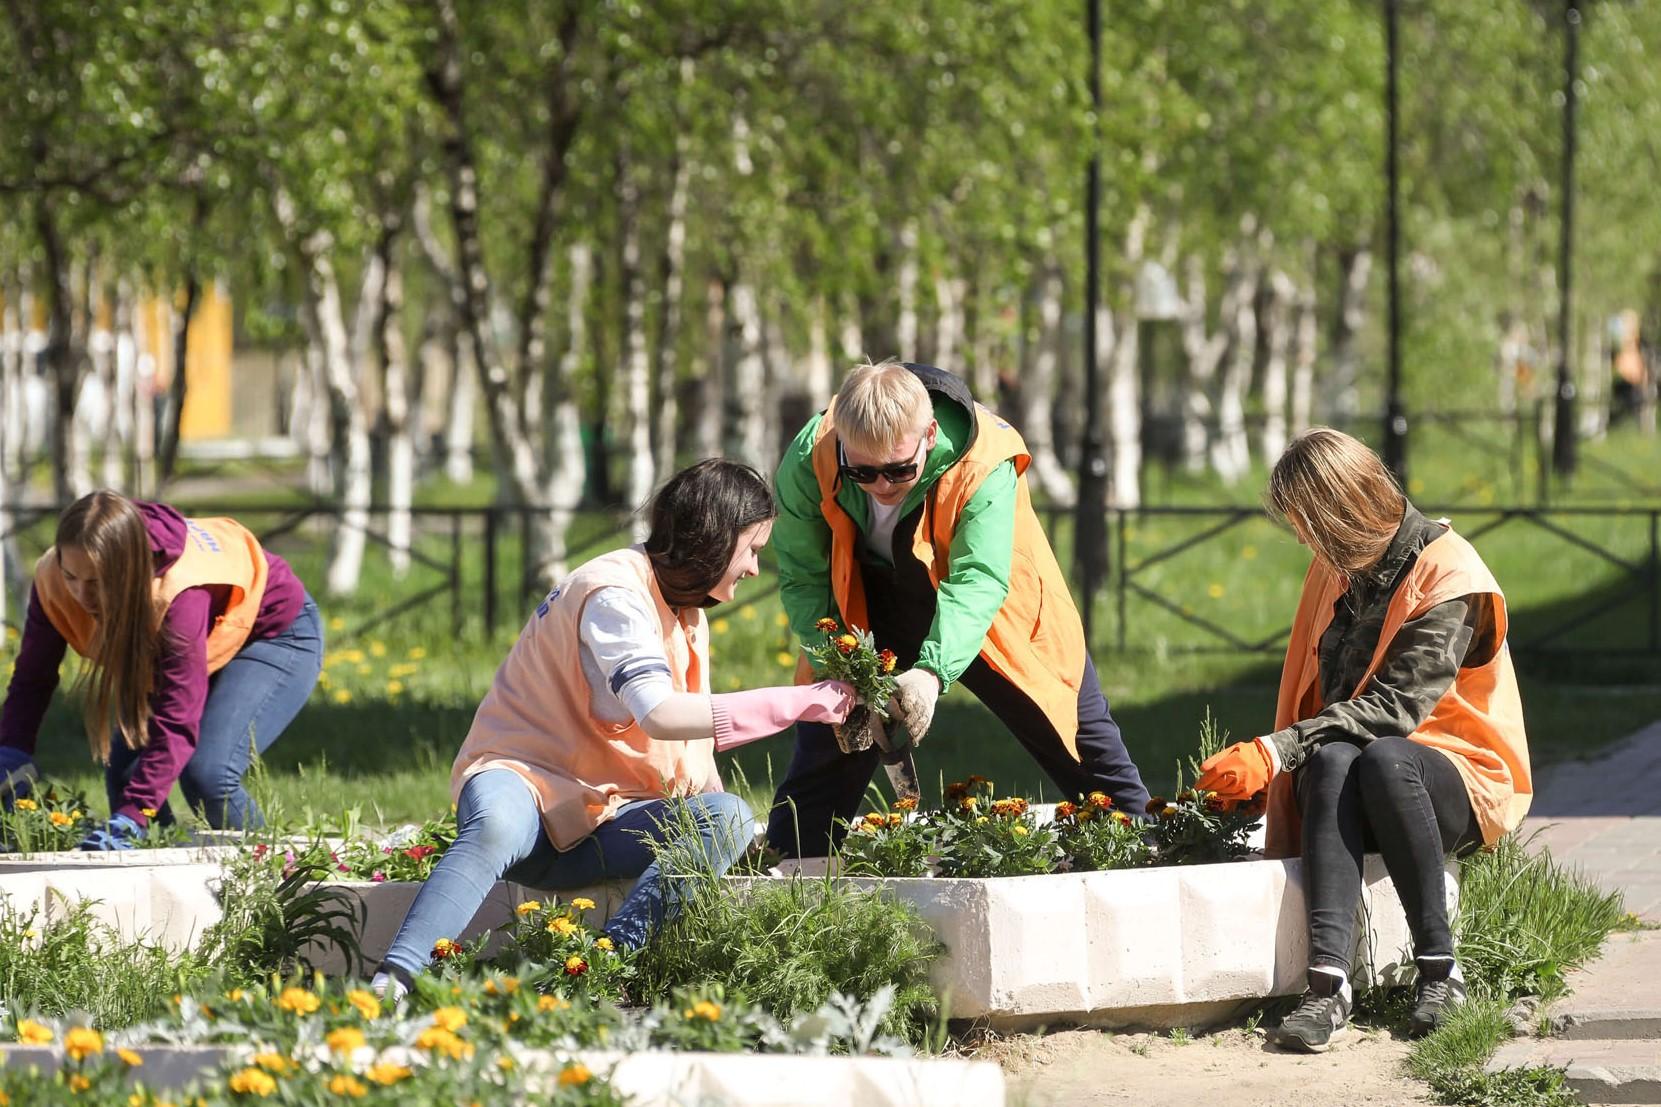 В правительстве области обсудили вопросы временного трудоустройства подростков